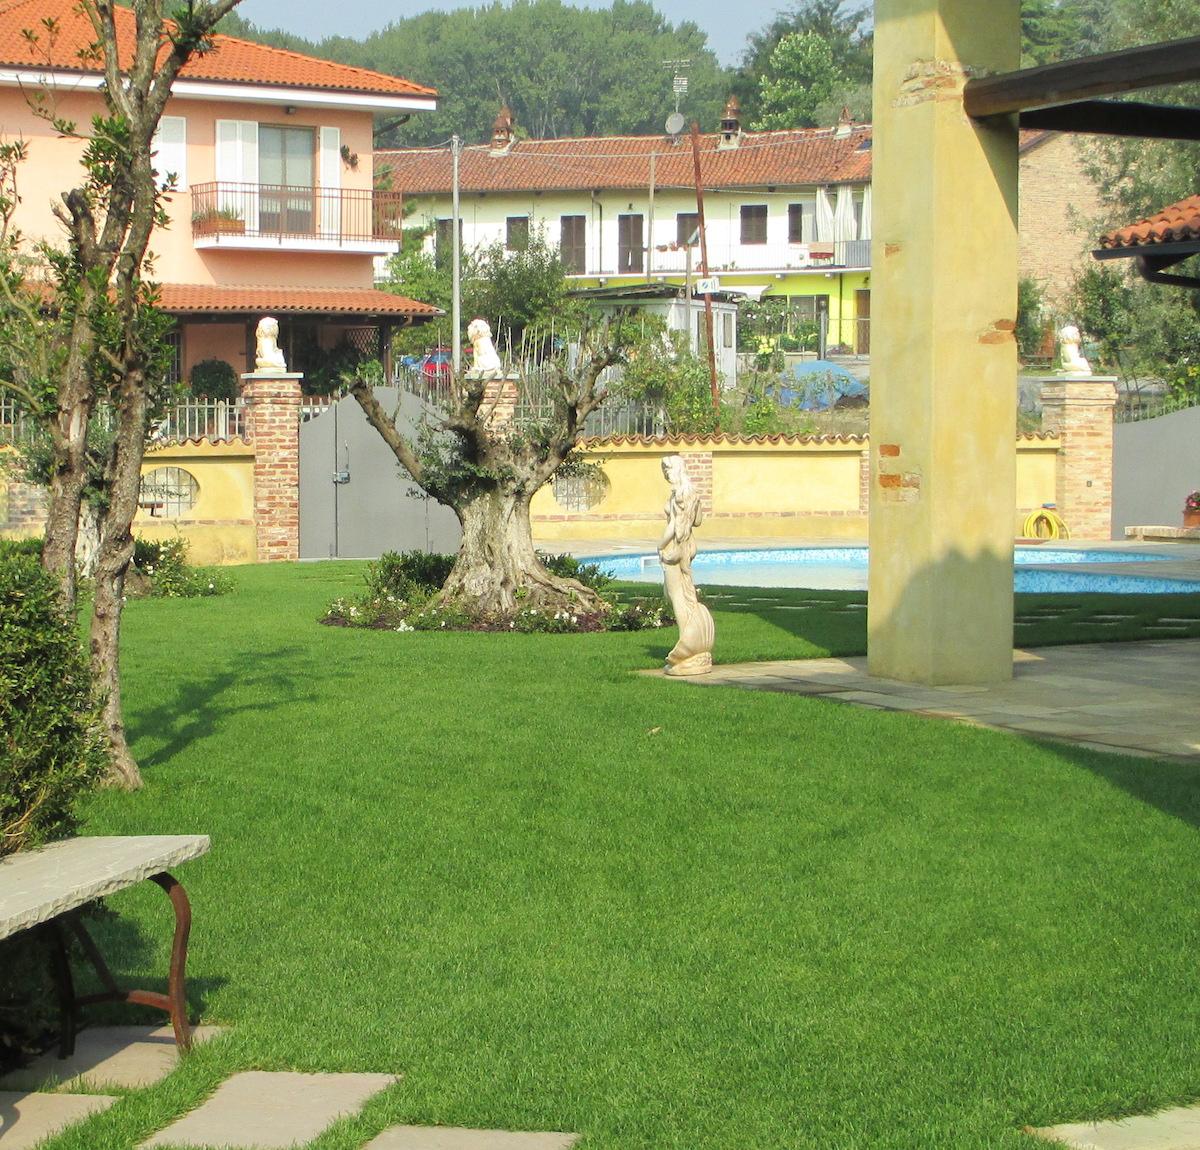 Manutenzione Piccoli giardini - Grandacasa